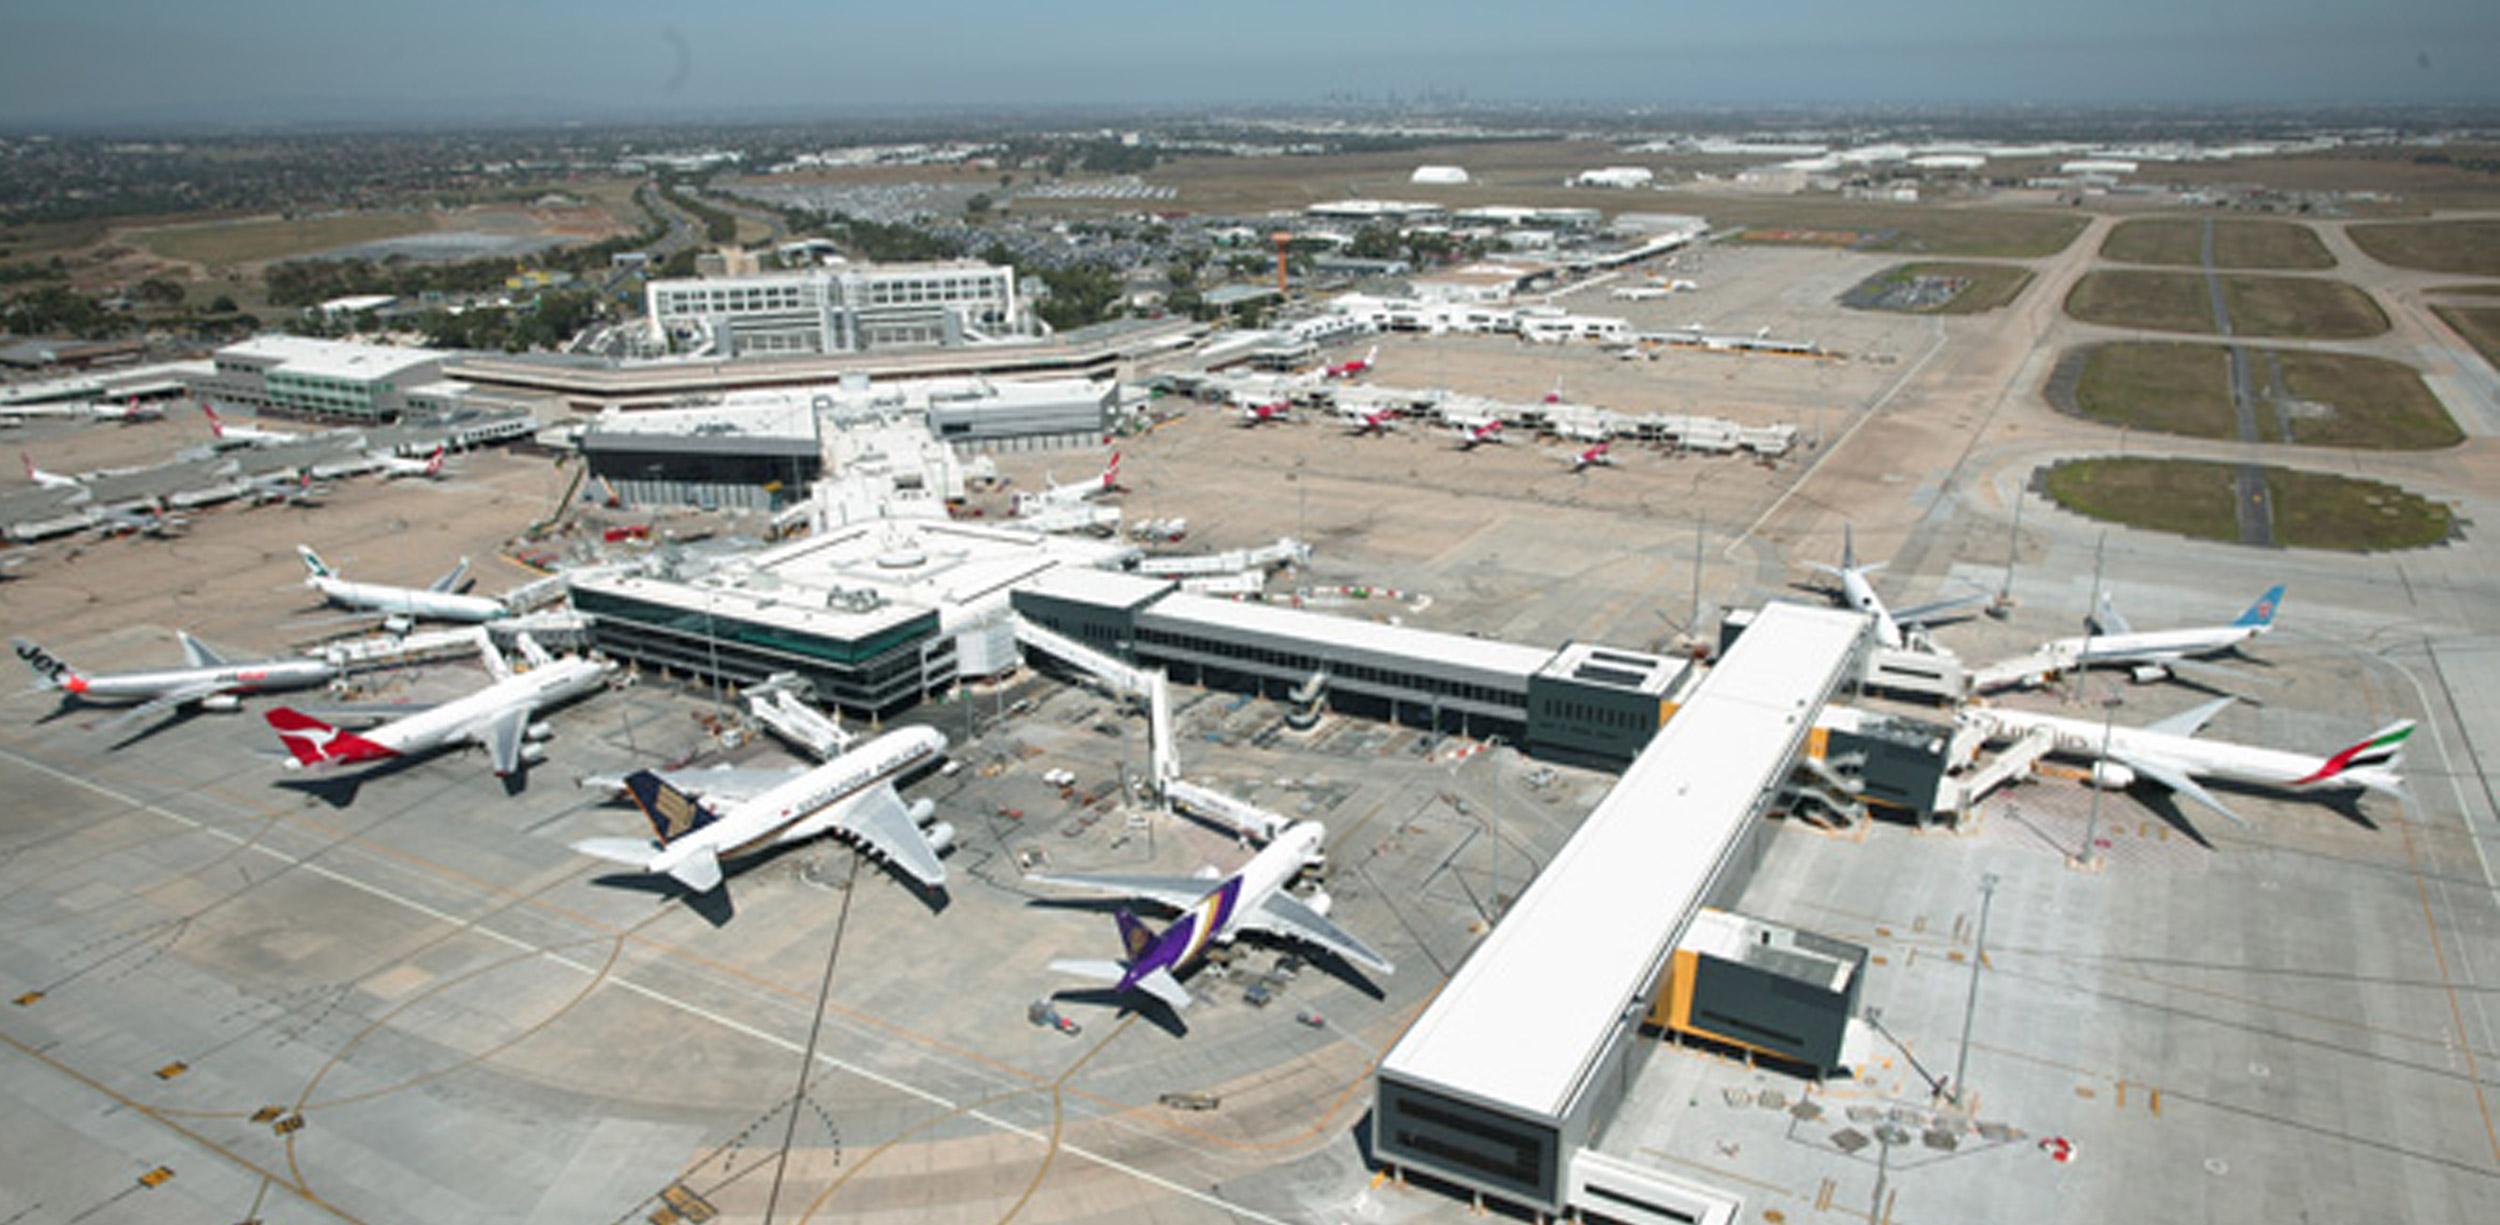 Tullamarine airport Australia